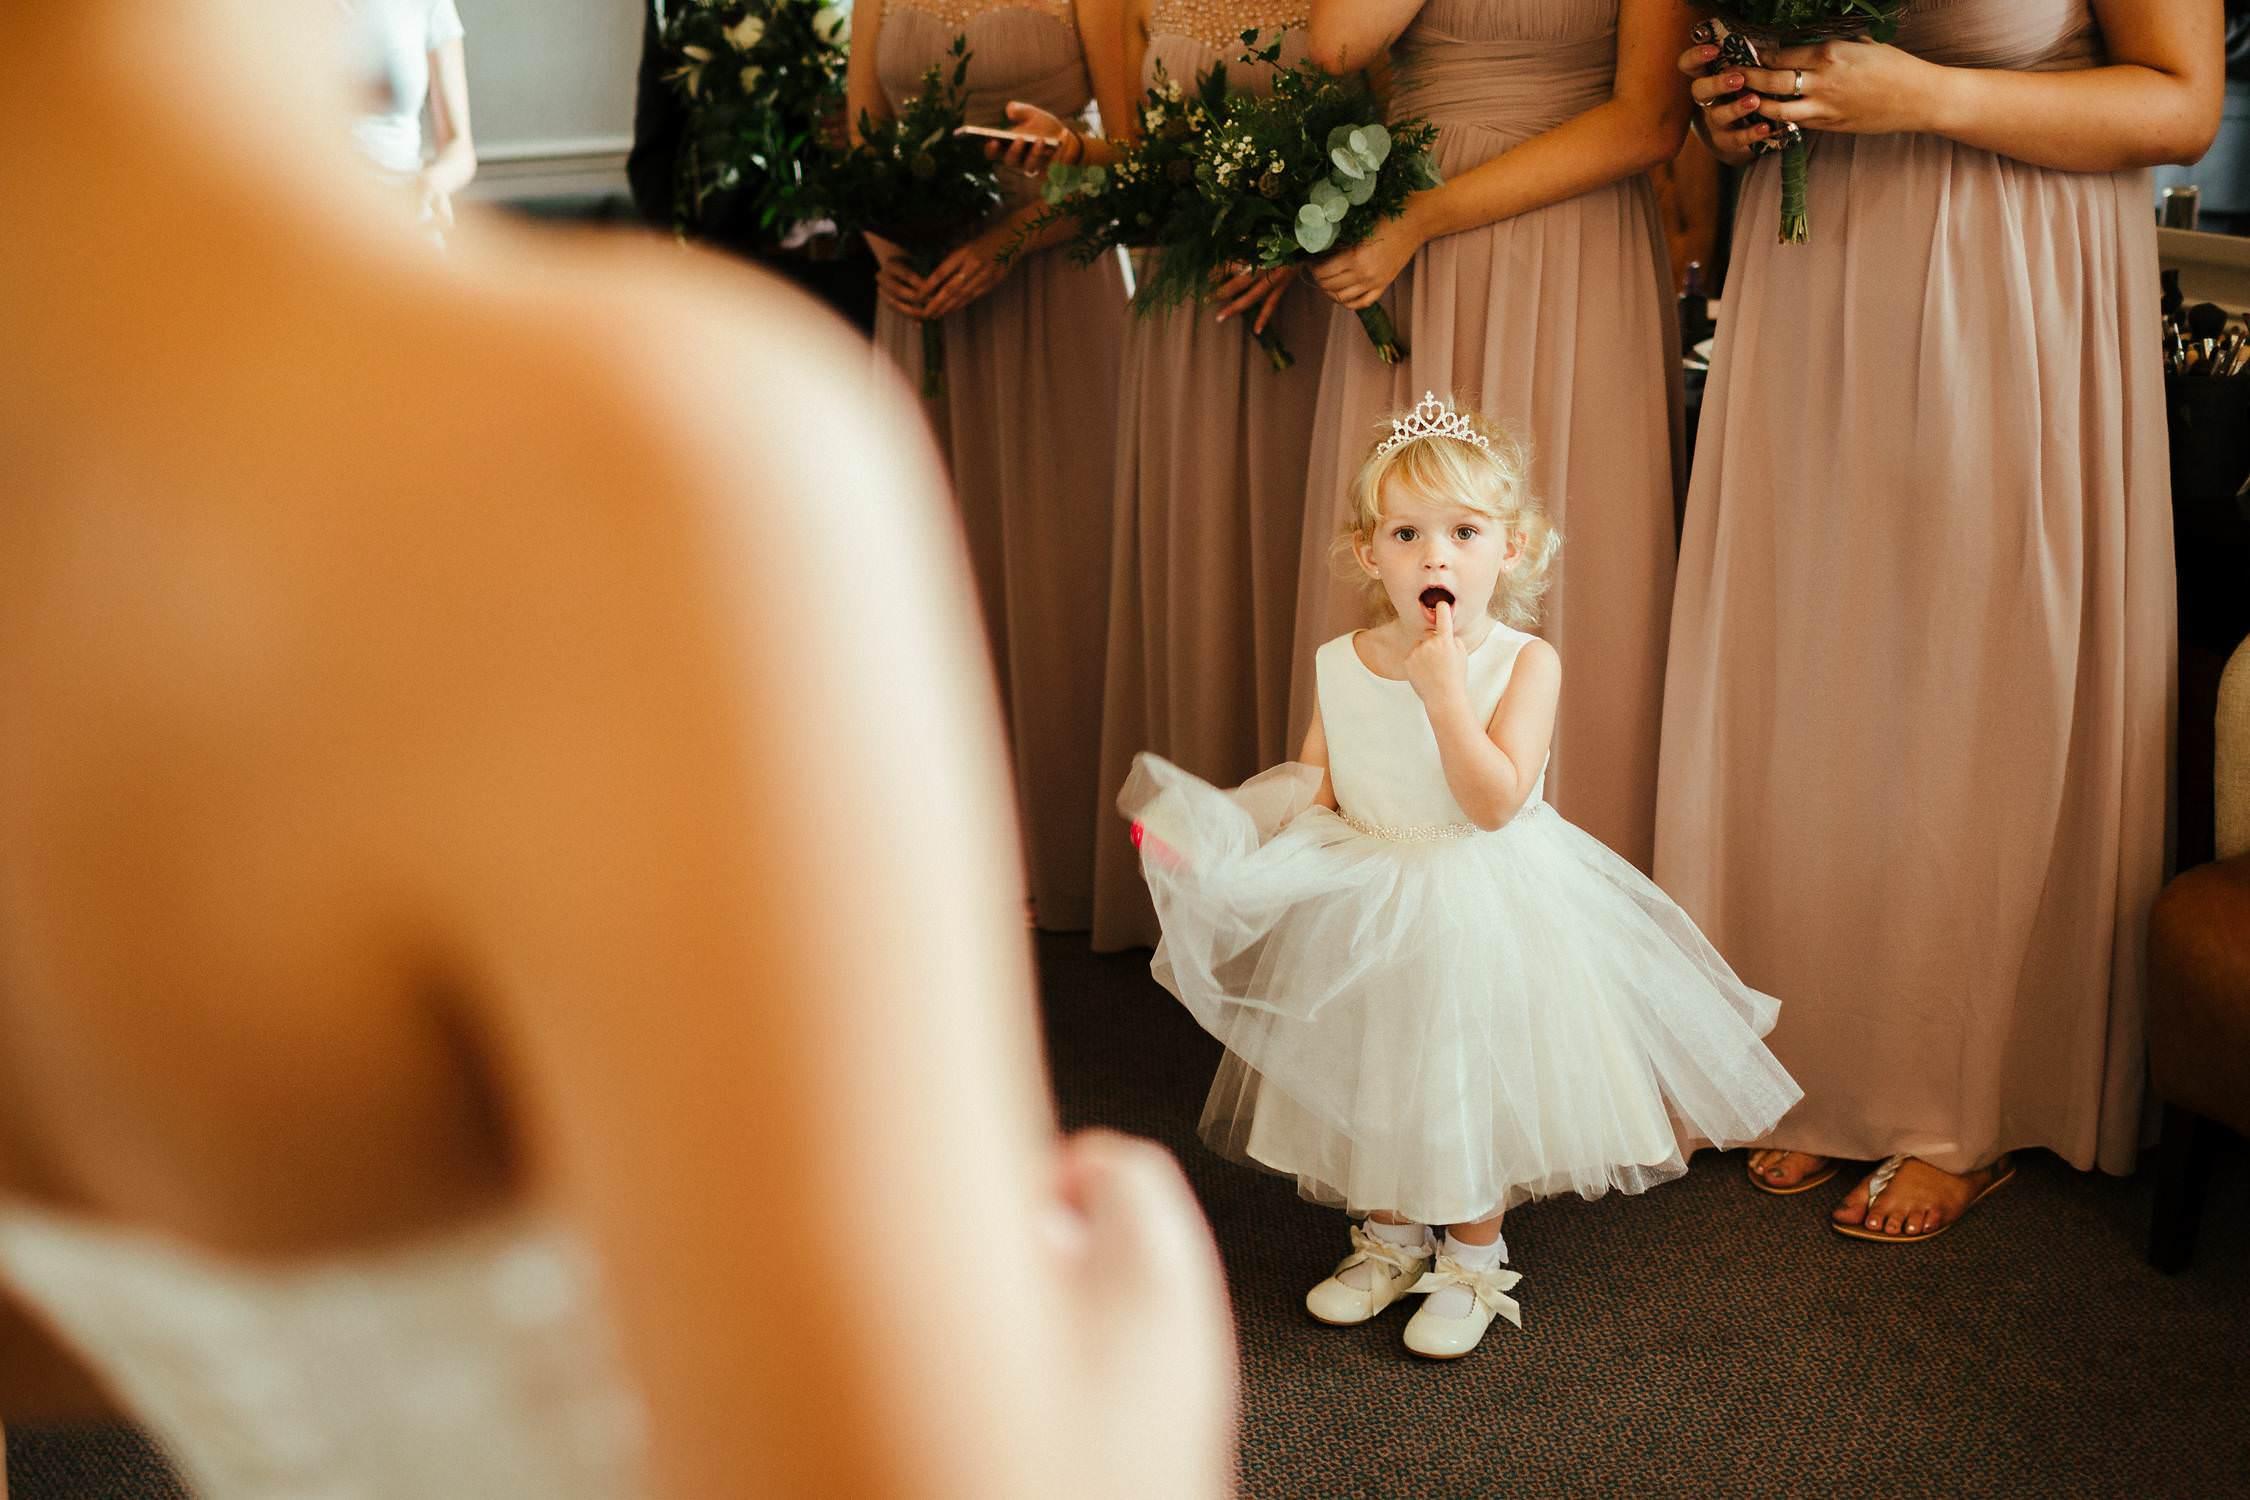 Buckinghamshire-Wedding-Photography-55